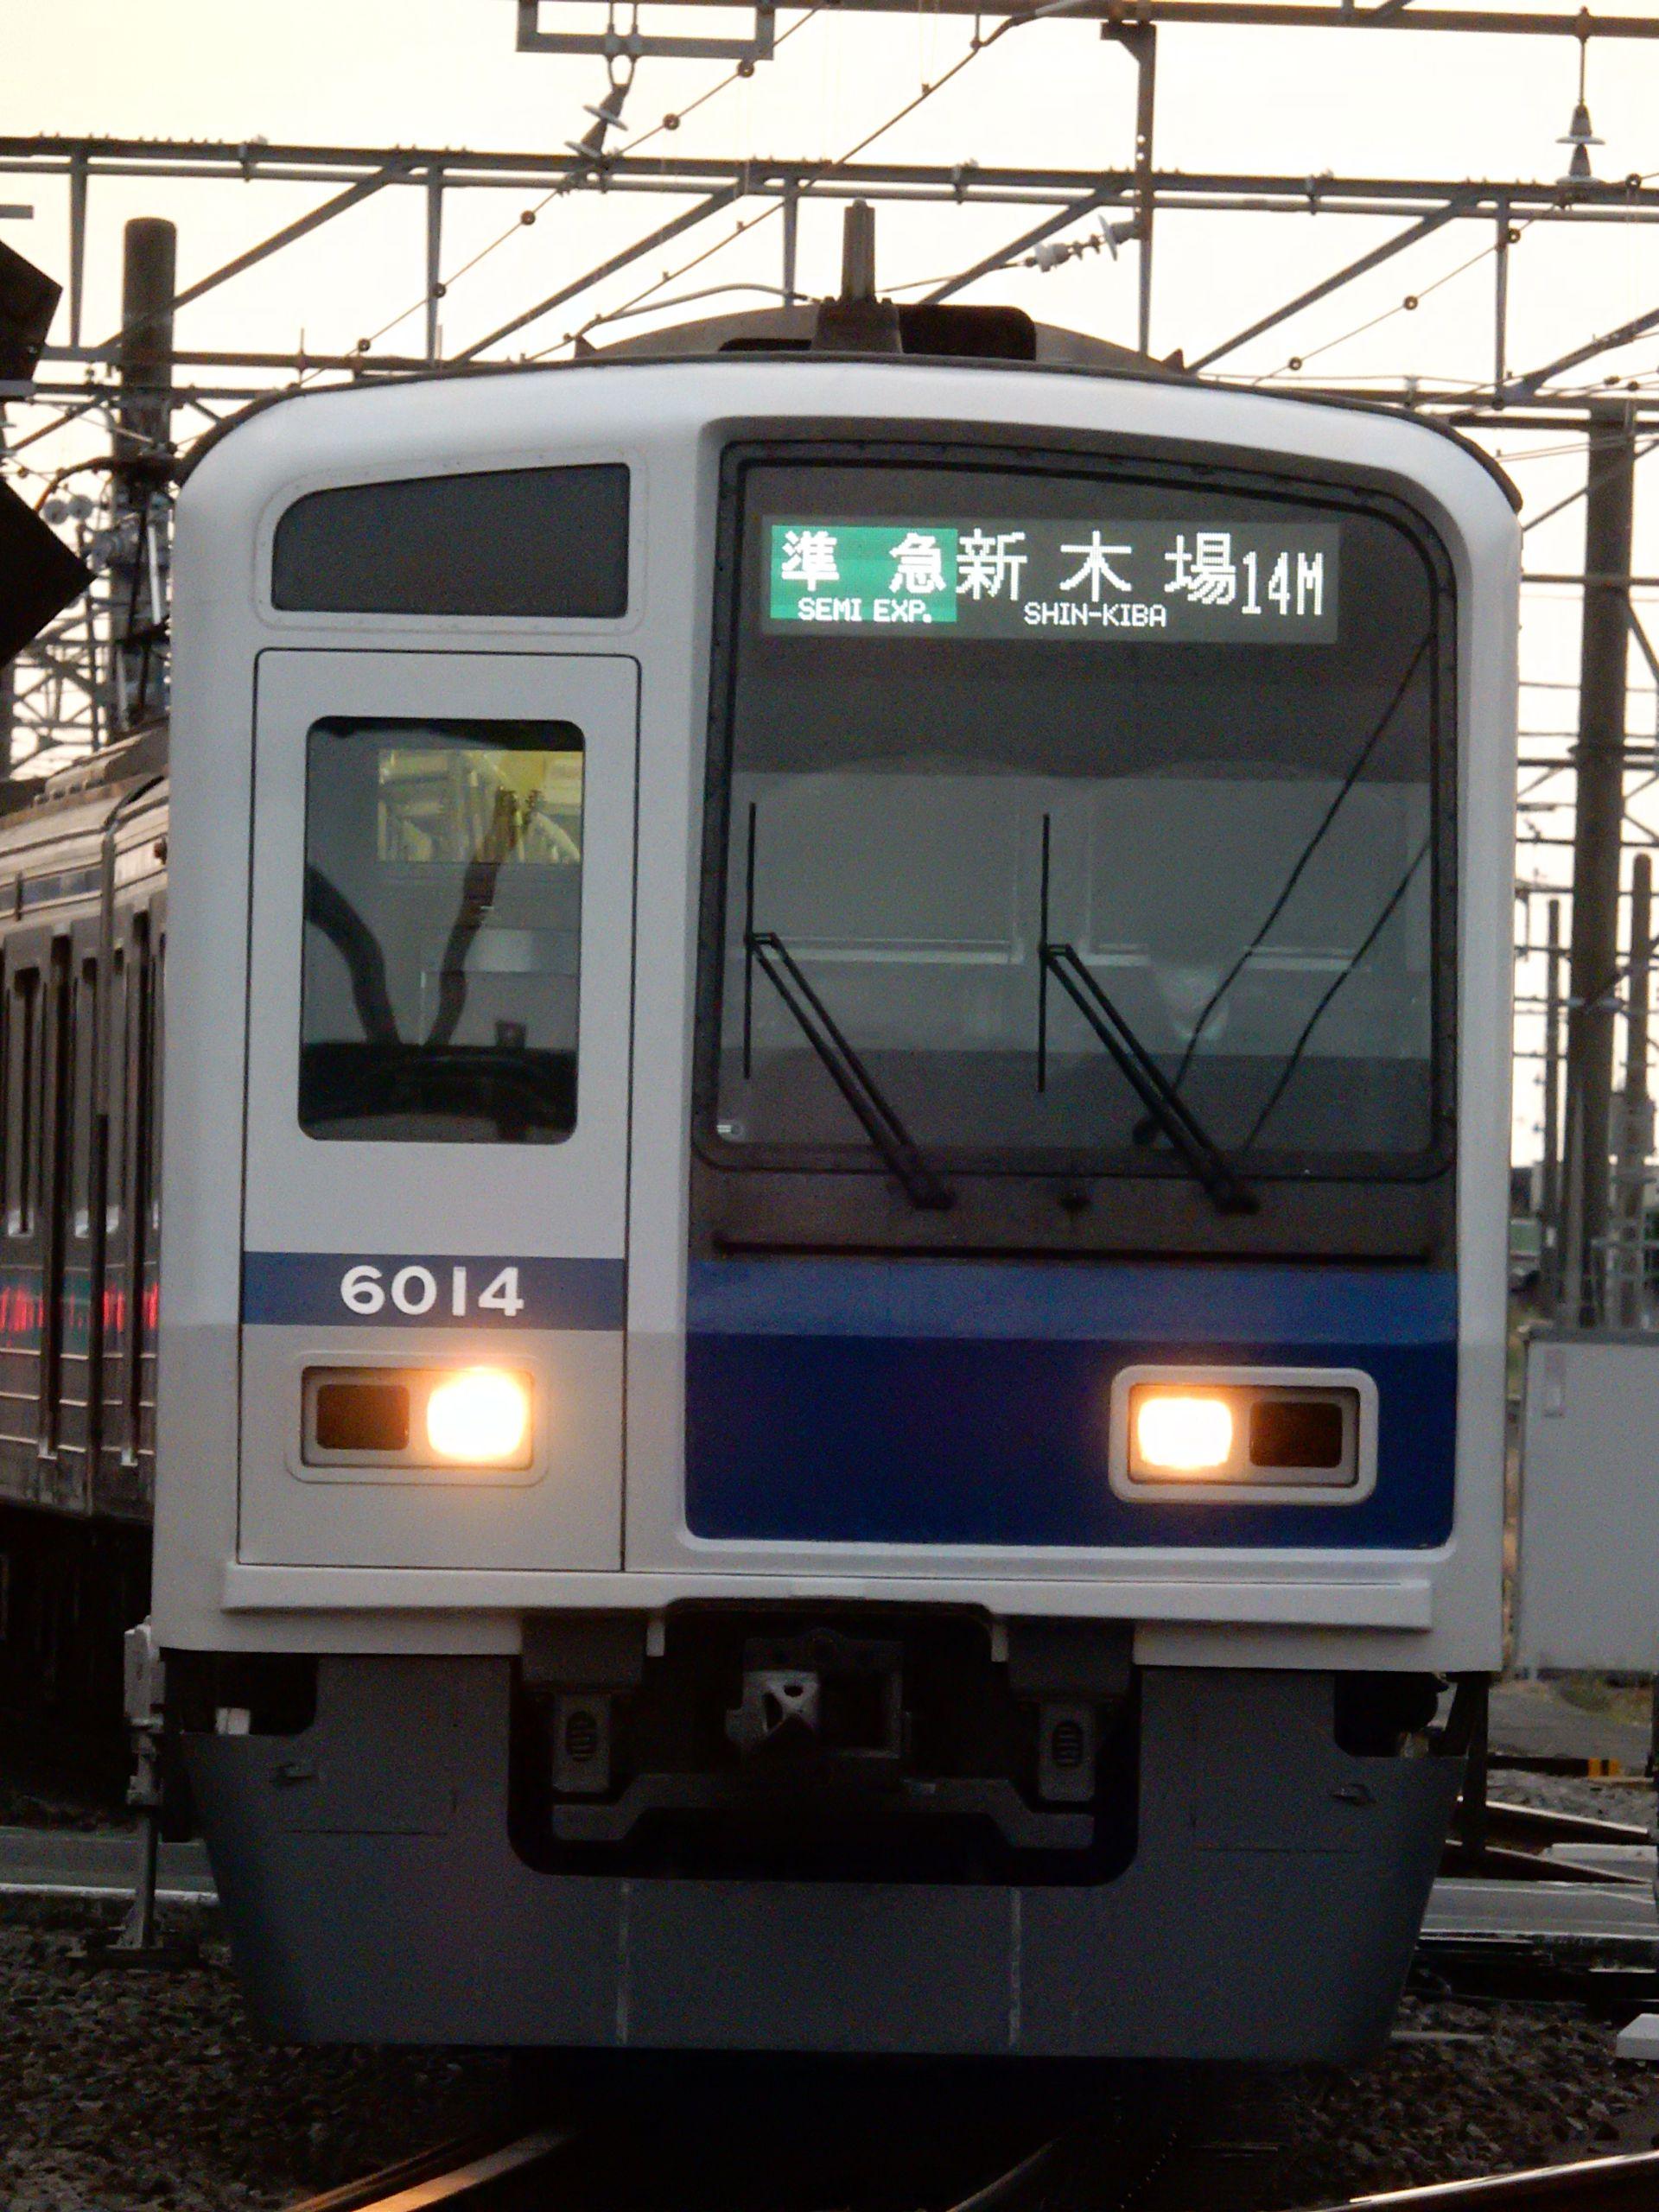 DSCN6244 - コピー